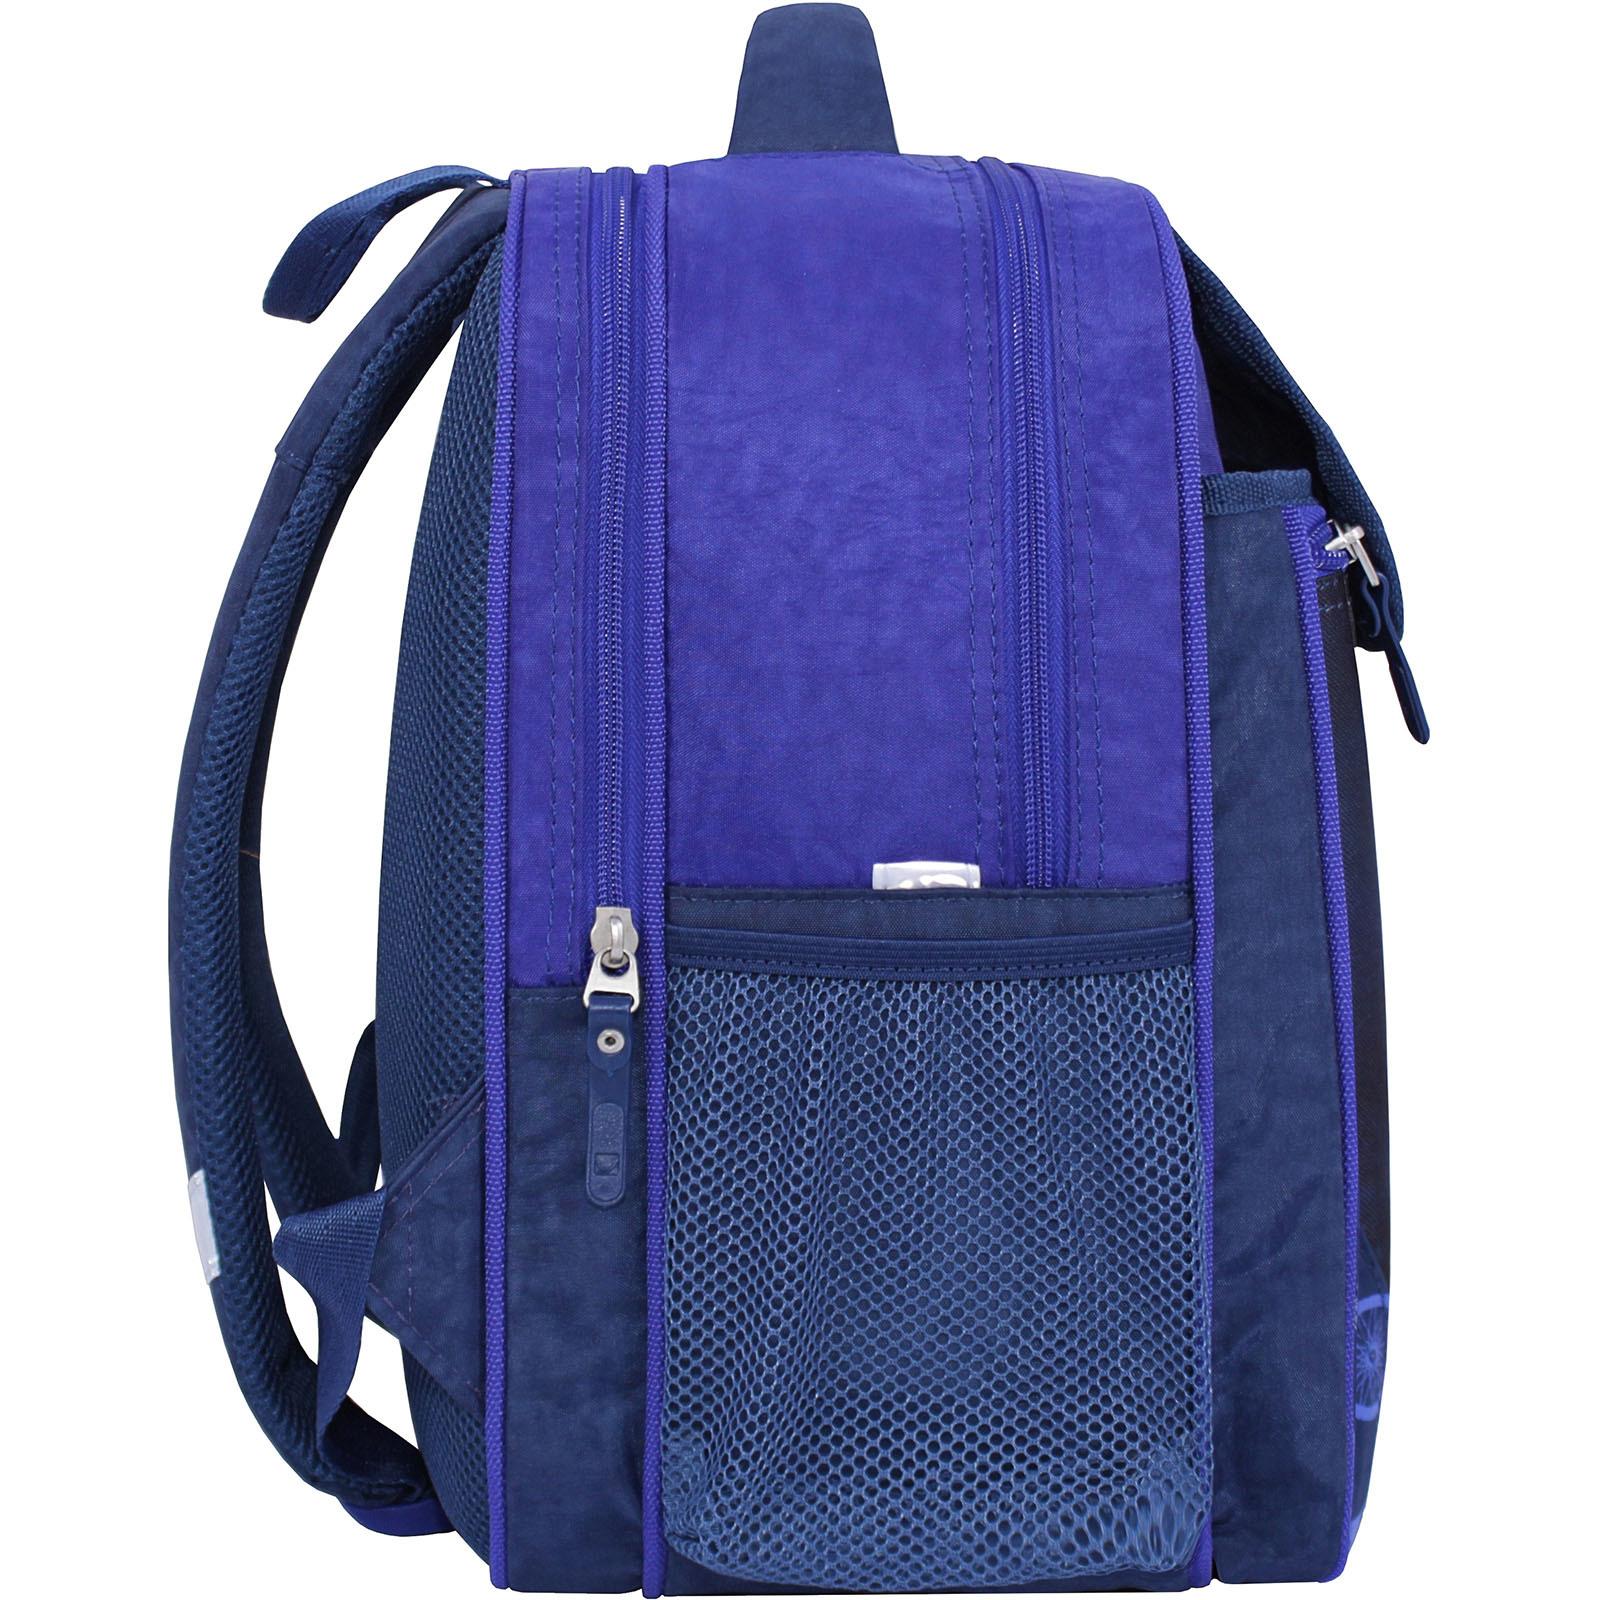 Рюкзак школьный Bagland Отличник 20 л. 225 синий 551 (0058070) фото 2